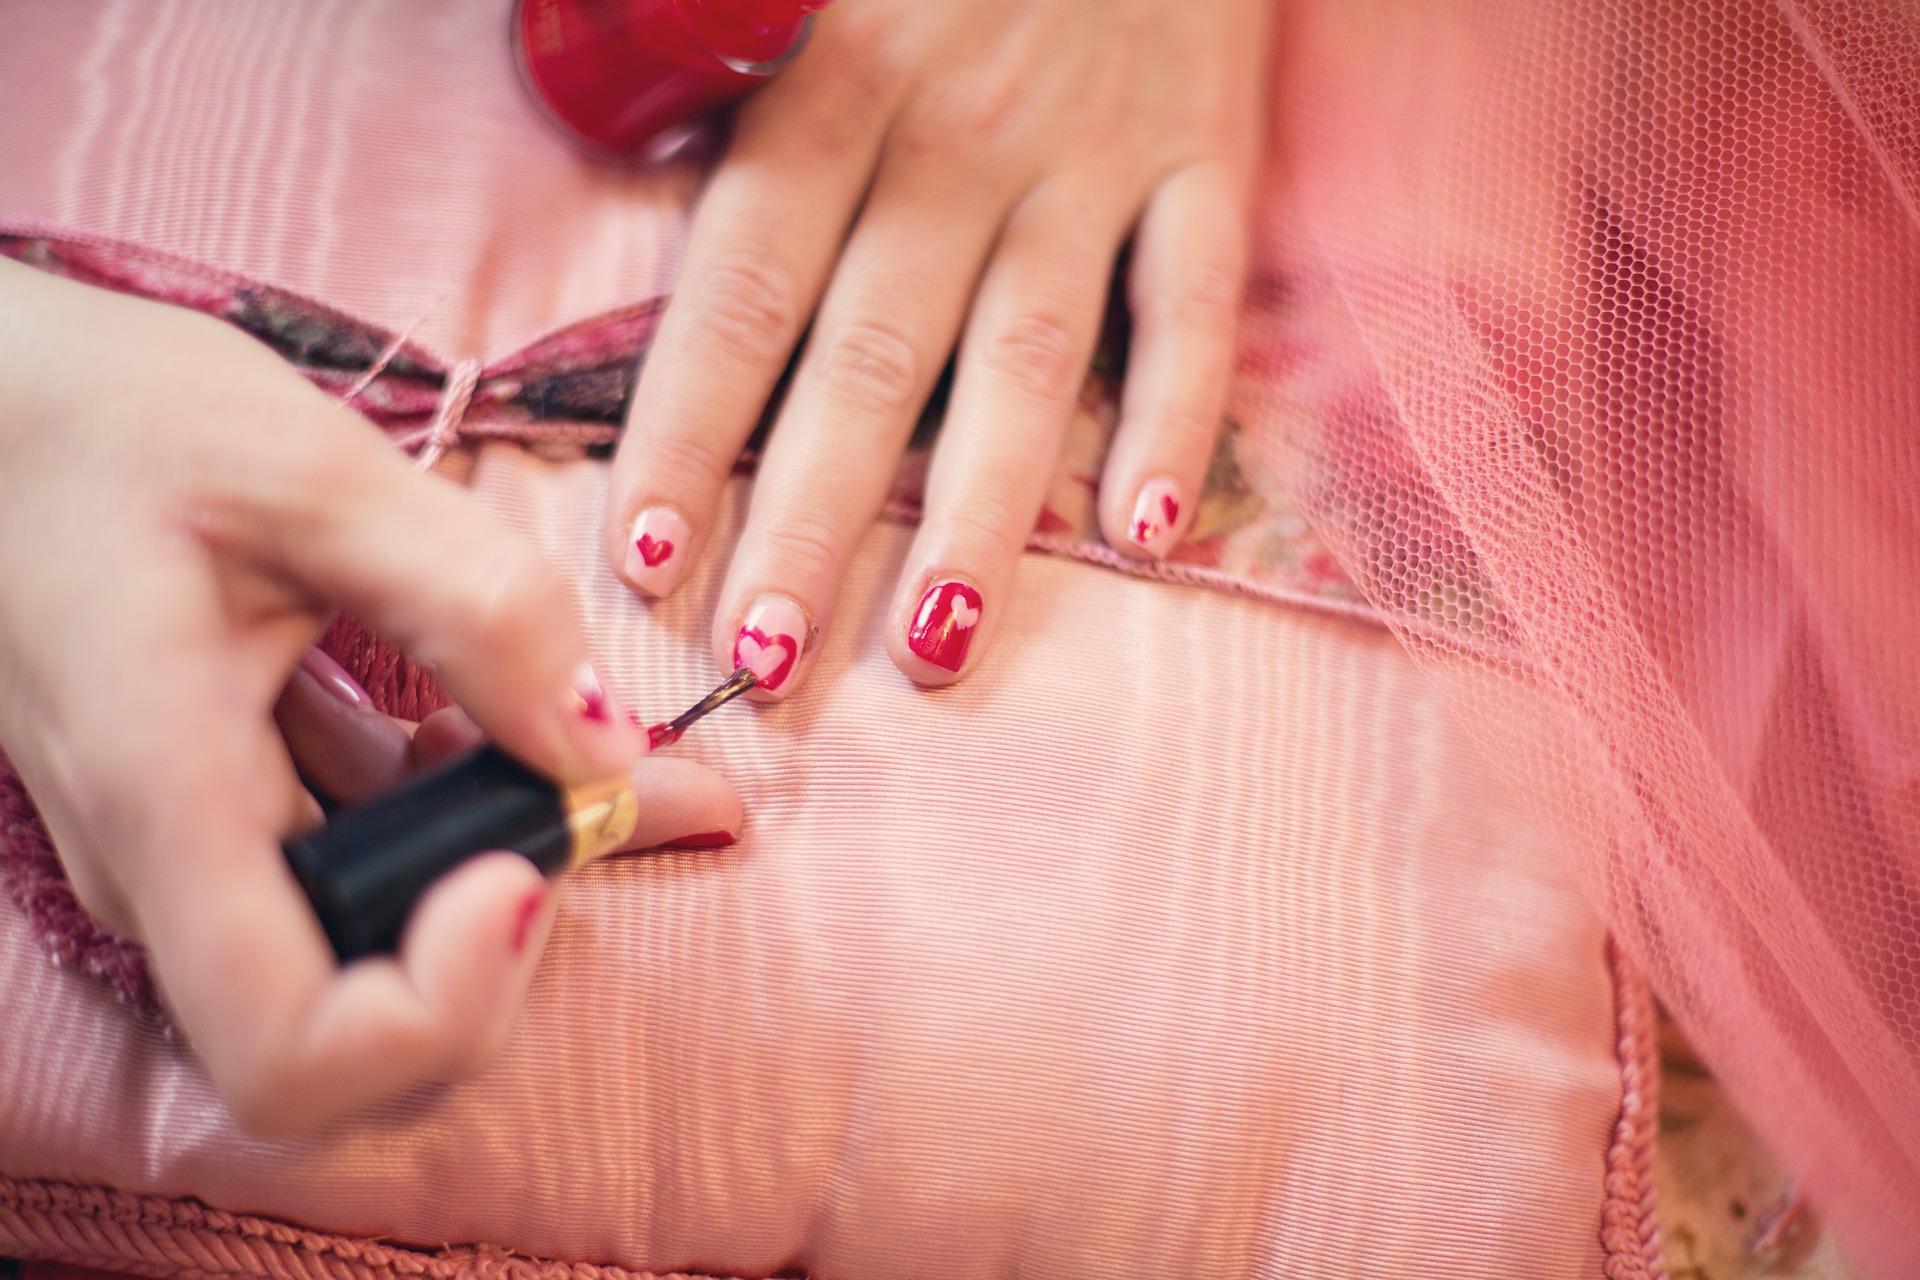 Comment prendre soin de ses ongles ? 3